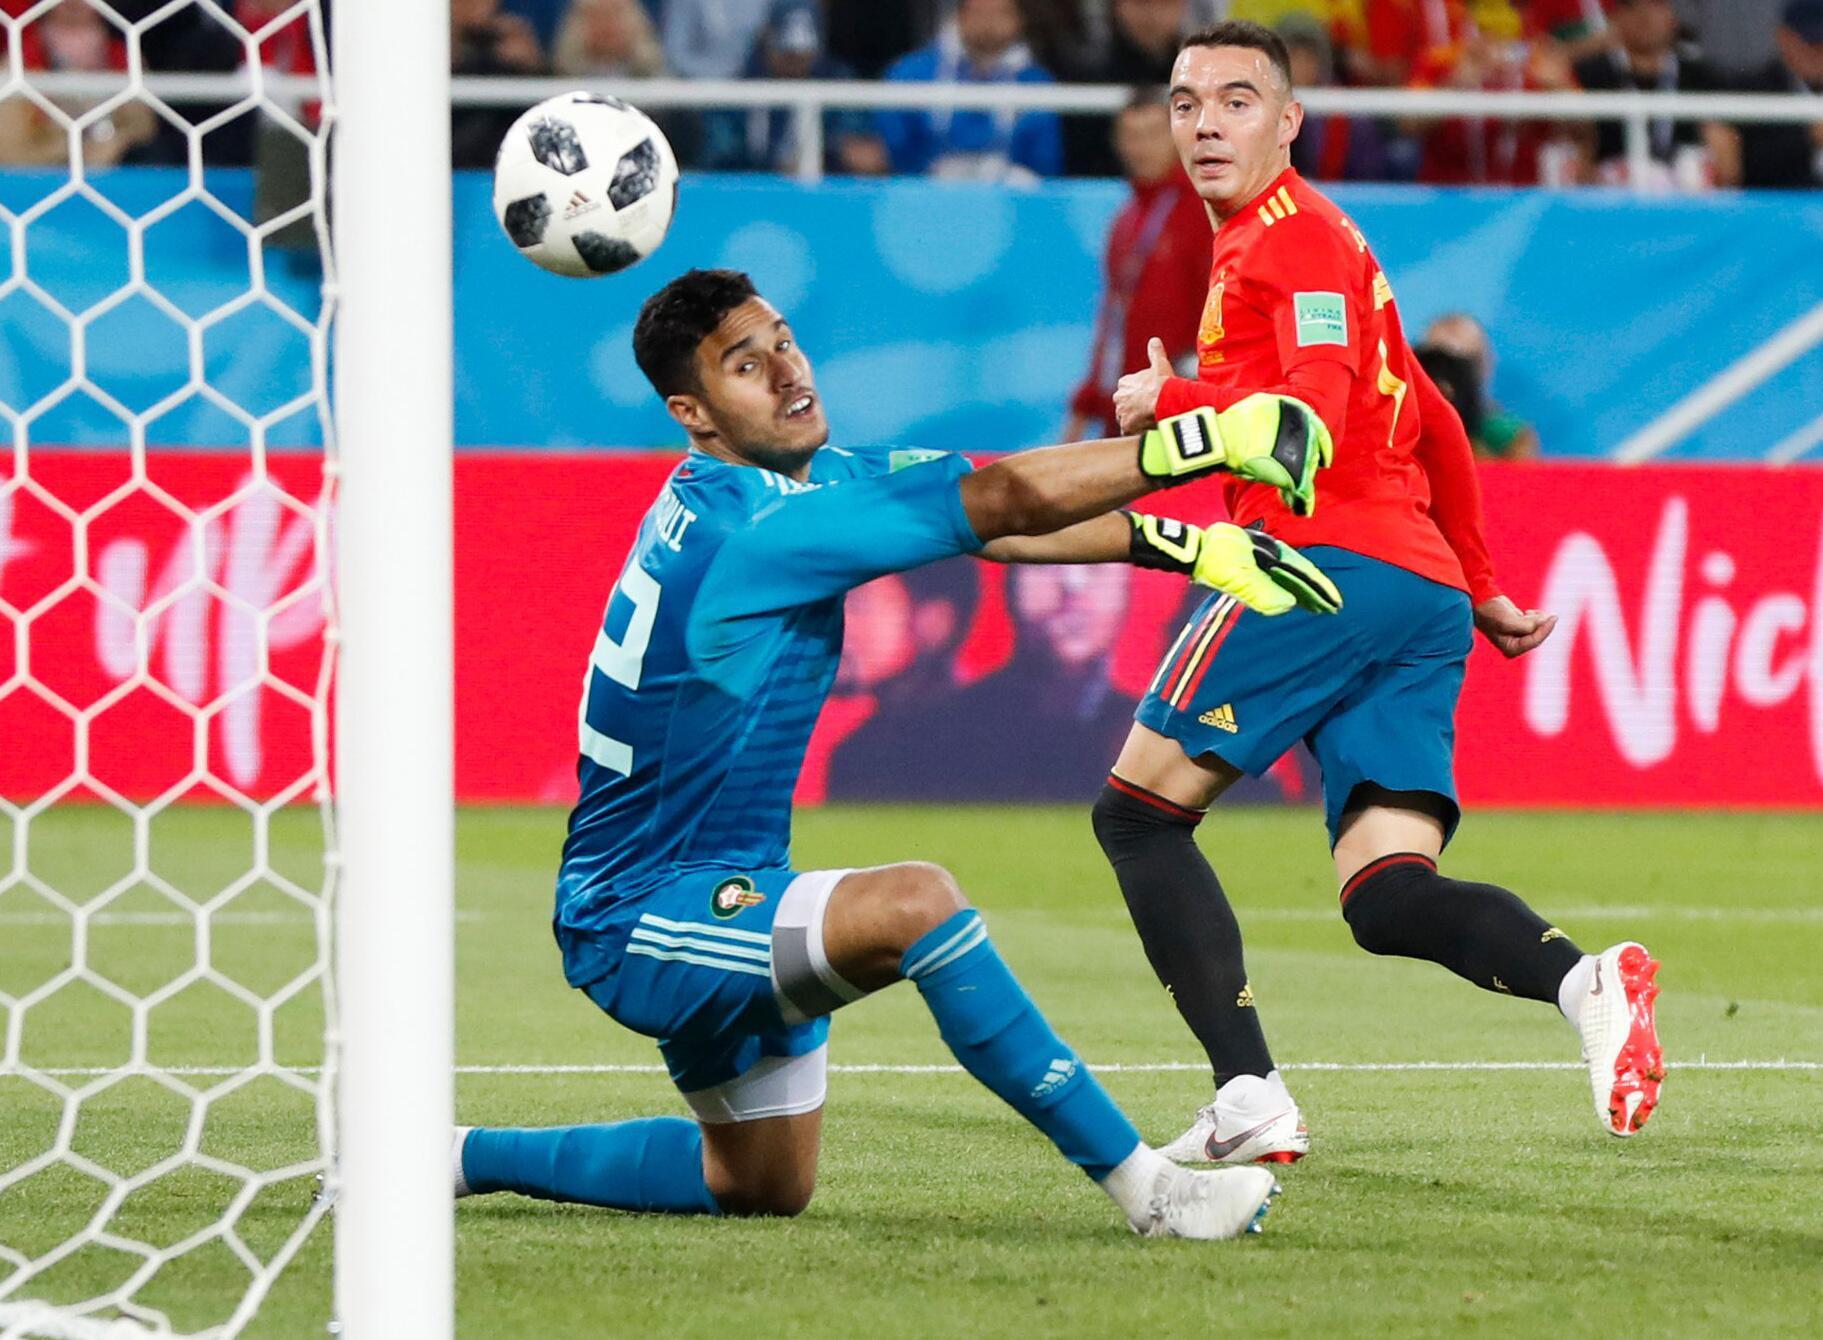 Bild zu WM 2018 - Spanien - Marokko